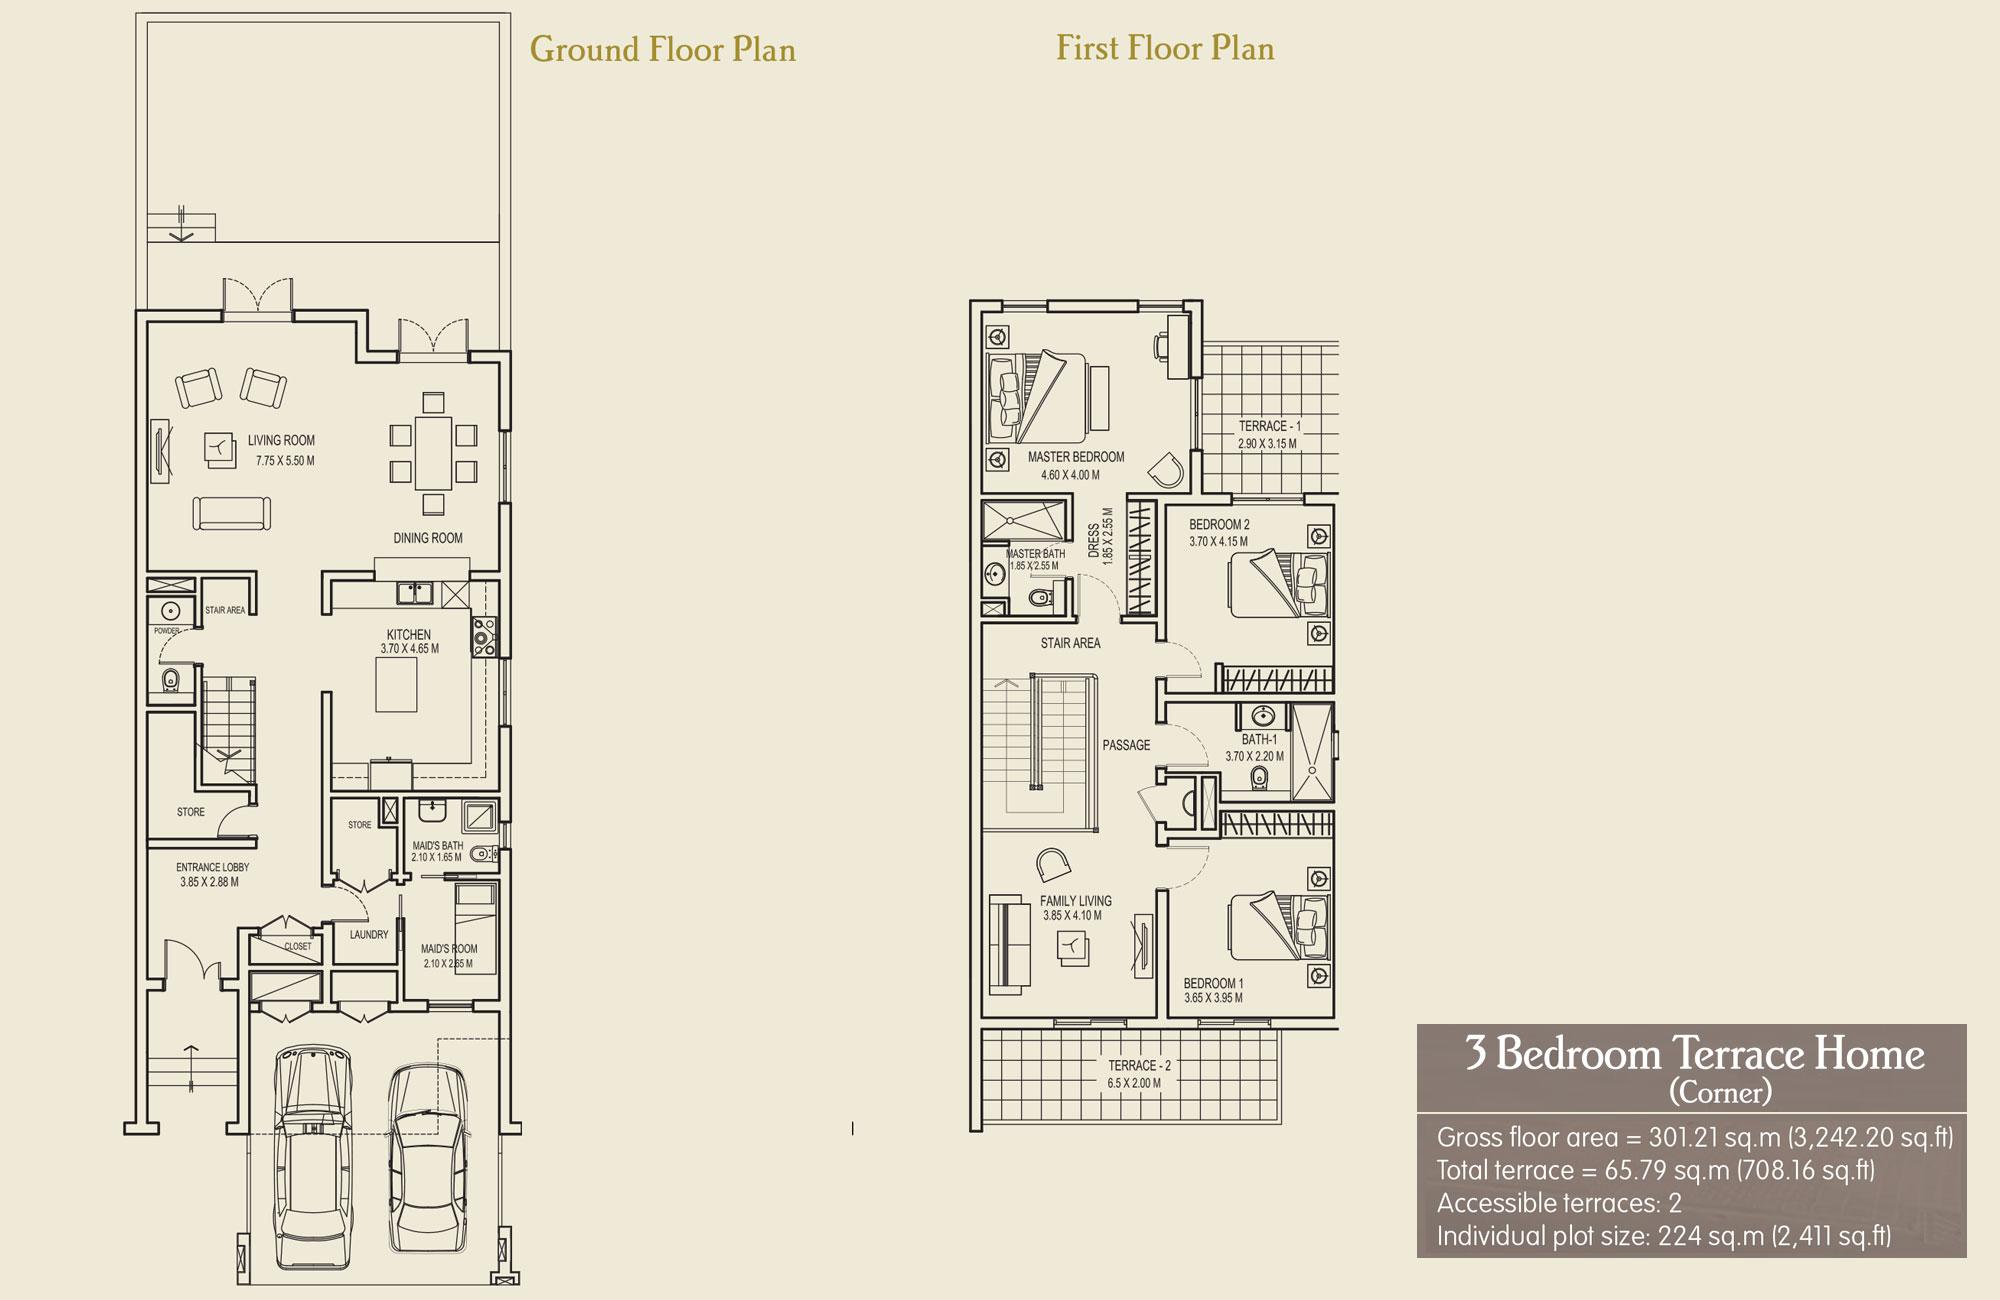 3 Bedroom Terrace Home (Corner), Size 3242.20 sq.ft.